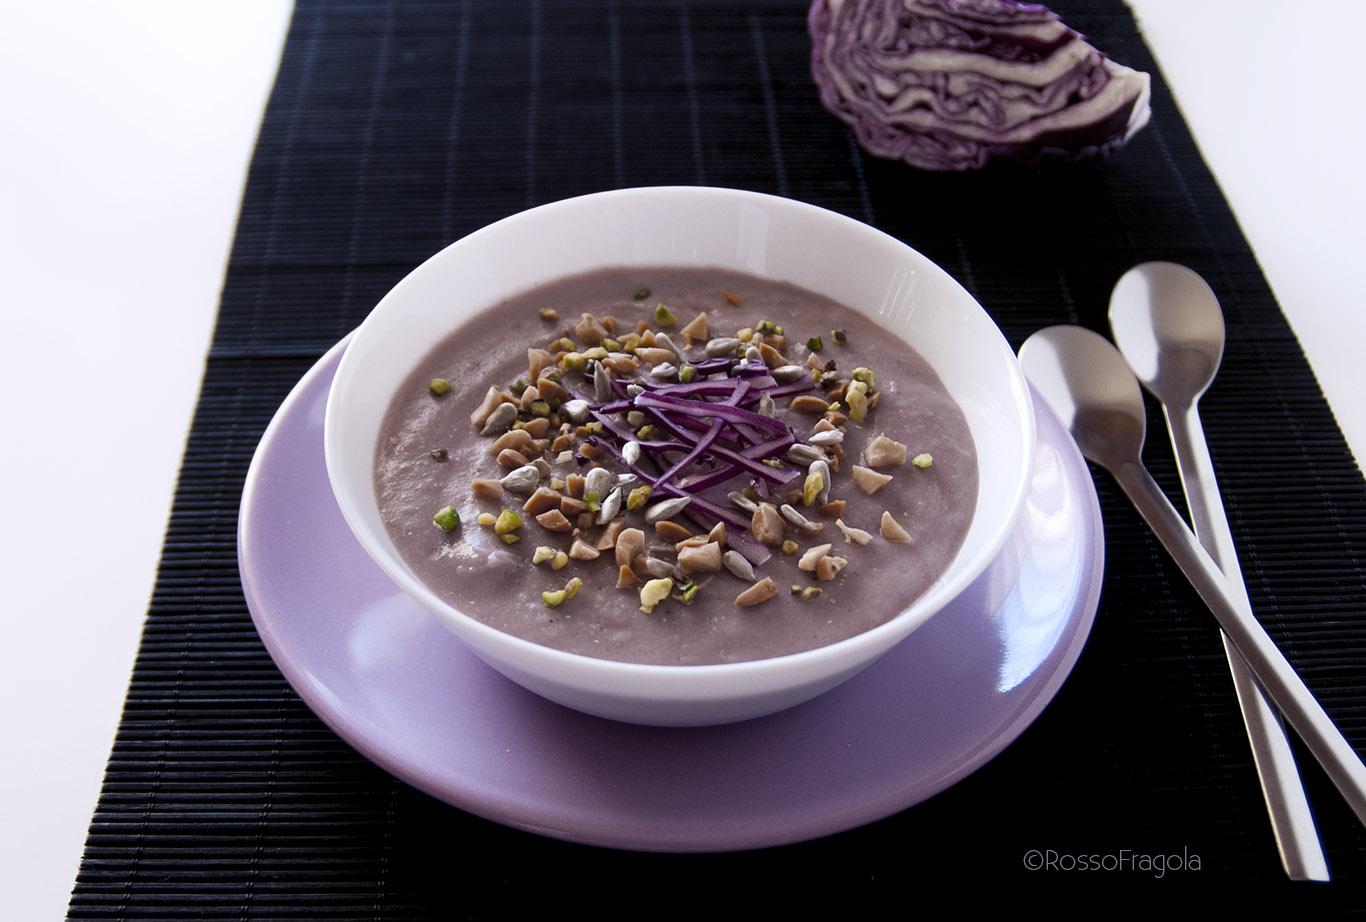 Vellutata di patate e cavolo viola, con arachidi, pistacchi e semi di girasole